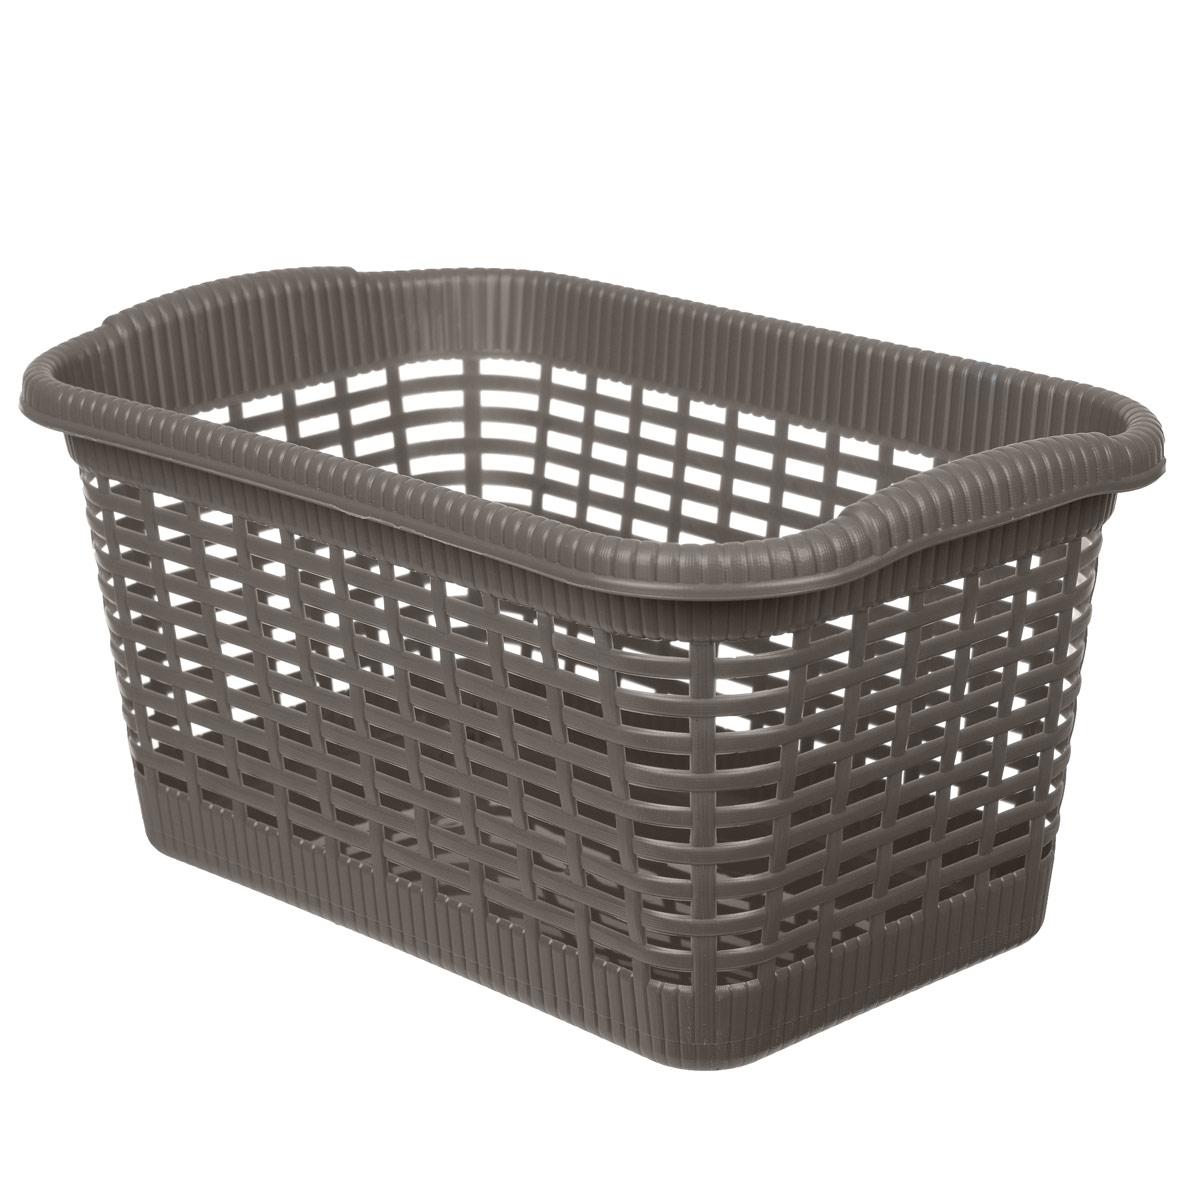 Корзина хозяйственная Gensini, цвет: коричневый, 36 x 22,5 x 18 см3302_коричневыйУниверсальная корзина Gensini, выполненная из пластика, предназначена для хранения мелочей в ванной, на кухне, даче или гараже. Позволяет хранить мелкие вещи, исключая возможность их потери. Легкая воздушная корзина выполнена под плетенку и оснащена жесткой кромкой.Размер: 36 см x 22,5 см x 18 см. Объем: 15 л.